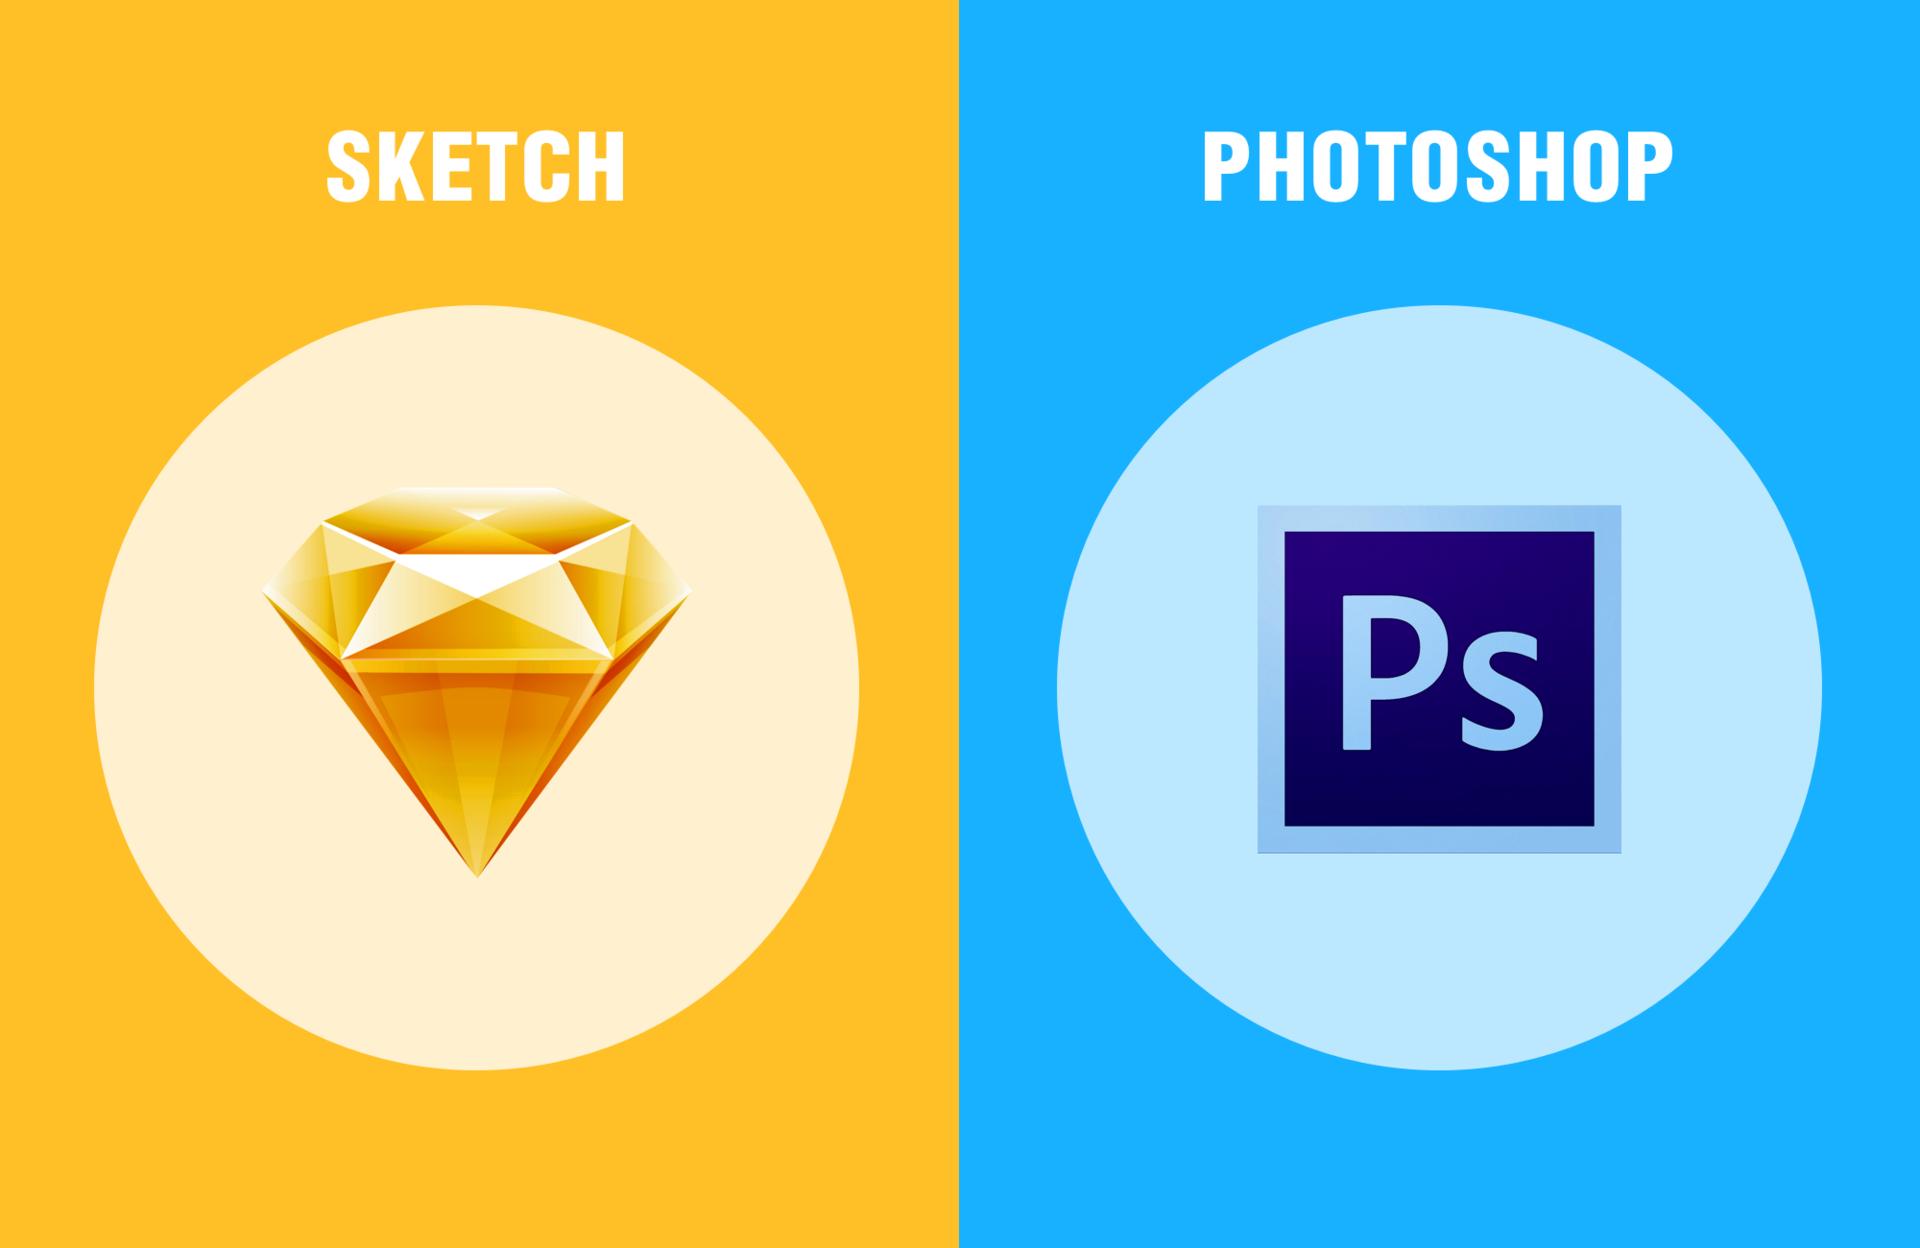 Photoshop, Sketch инструментарий UI-UX-дизайнеров: что выбрать для разработки интерфейсов? - 1